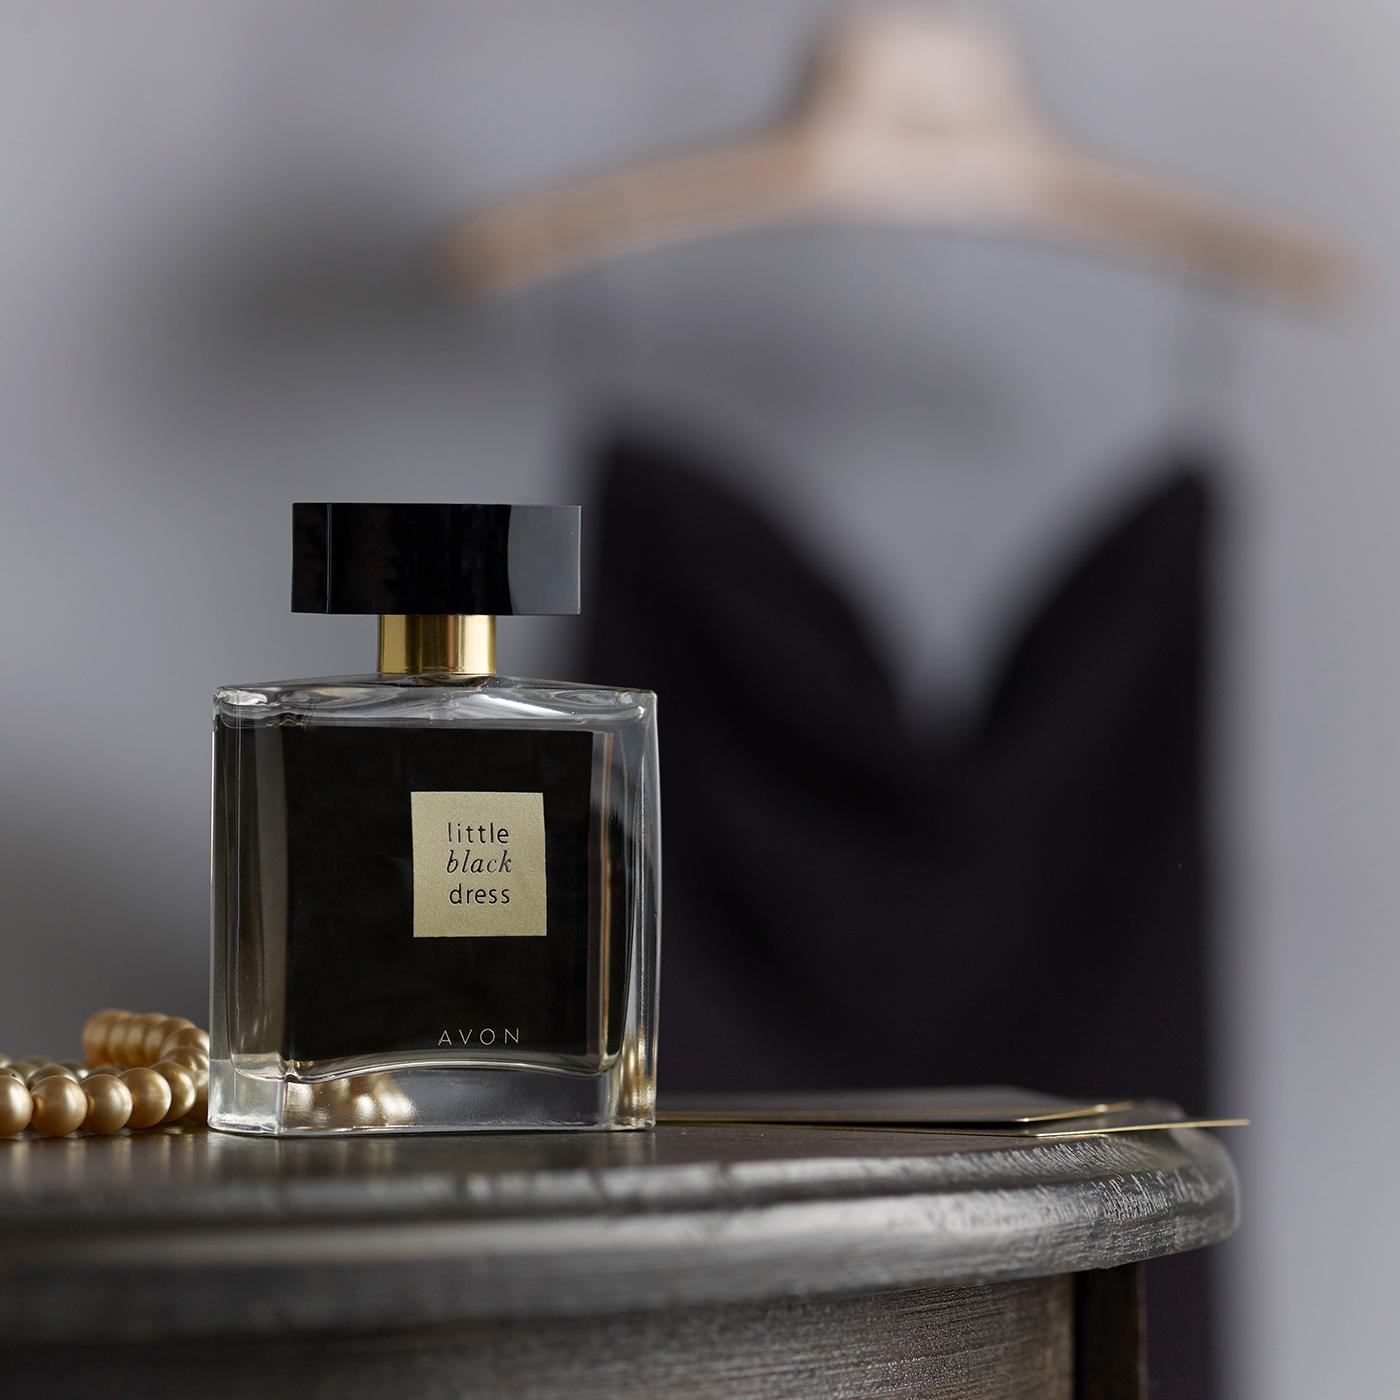 Little black dress купить в москве эйвон новосибирск каталог